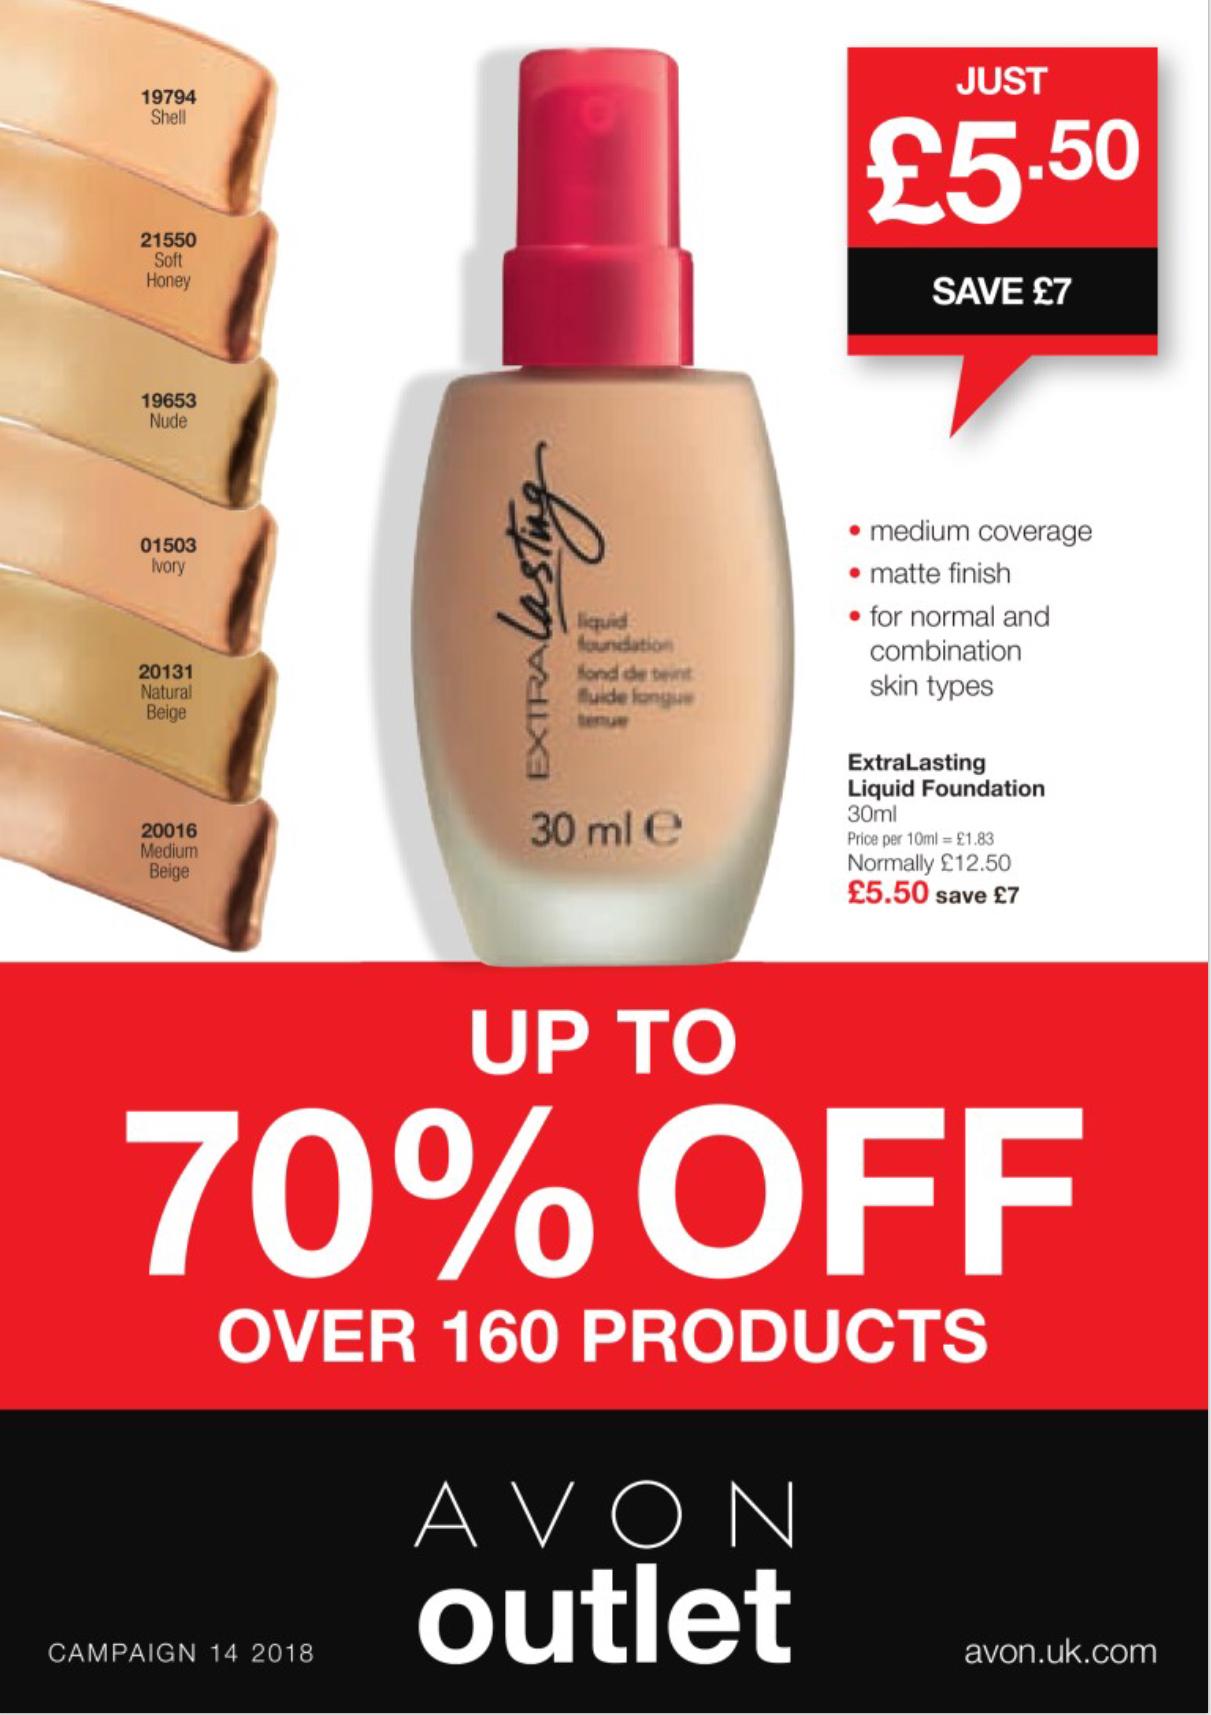 Avon Campaign 14 Sale 2018 UK Brochure Online